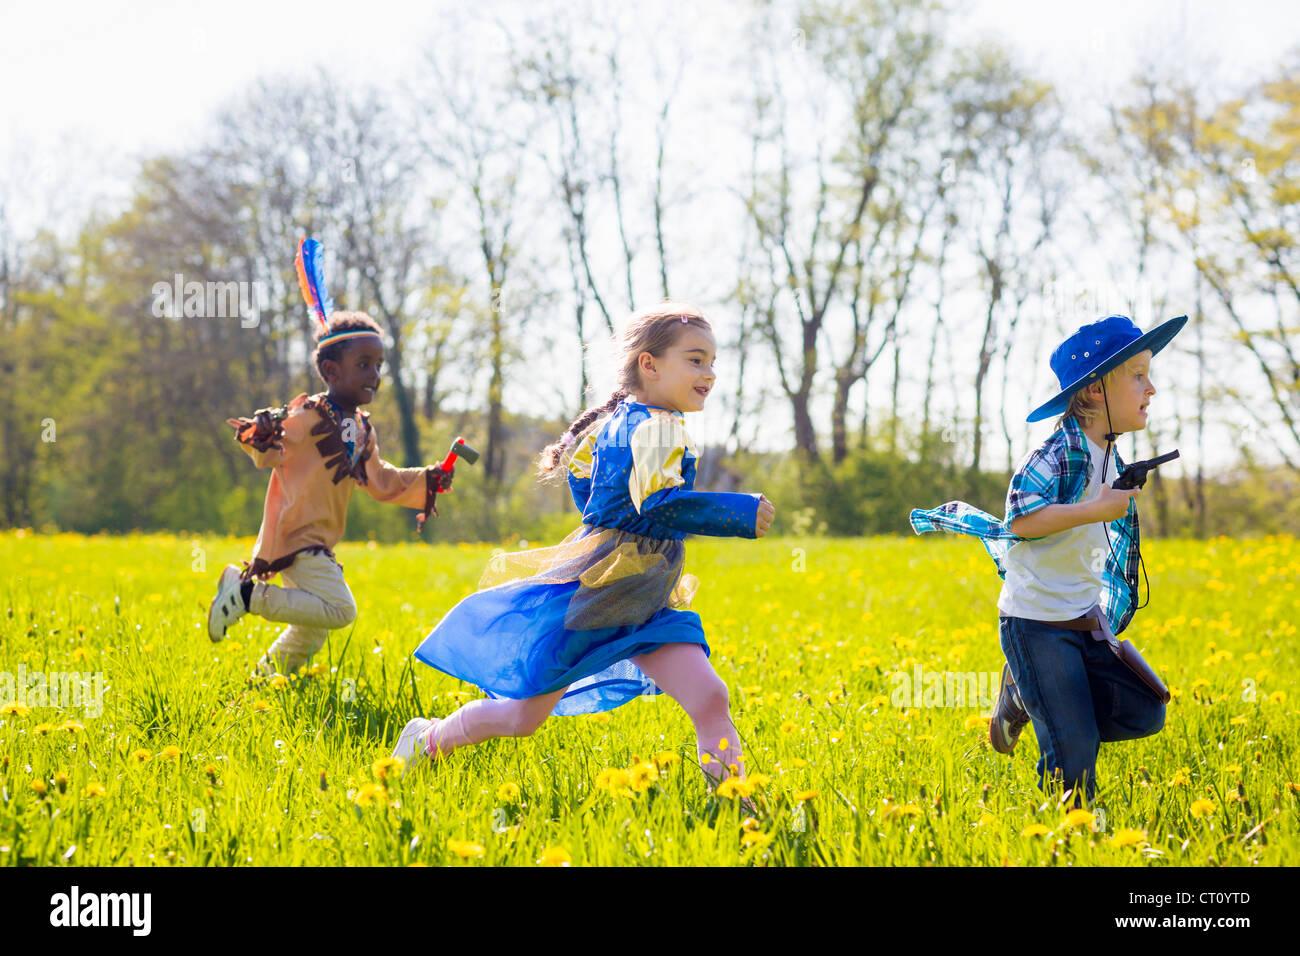 Des enfants jouer dress up outdoors Photo Stock